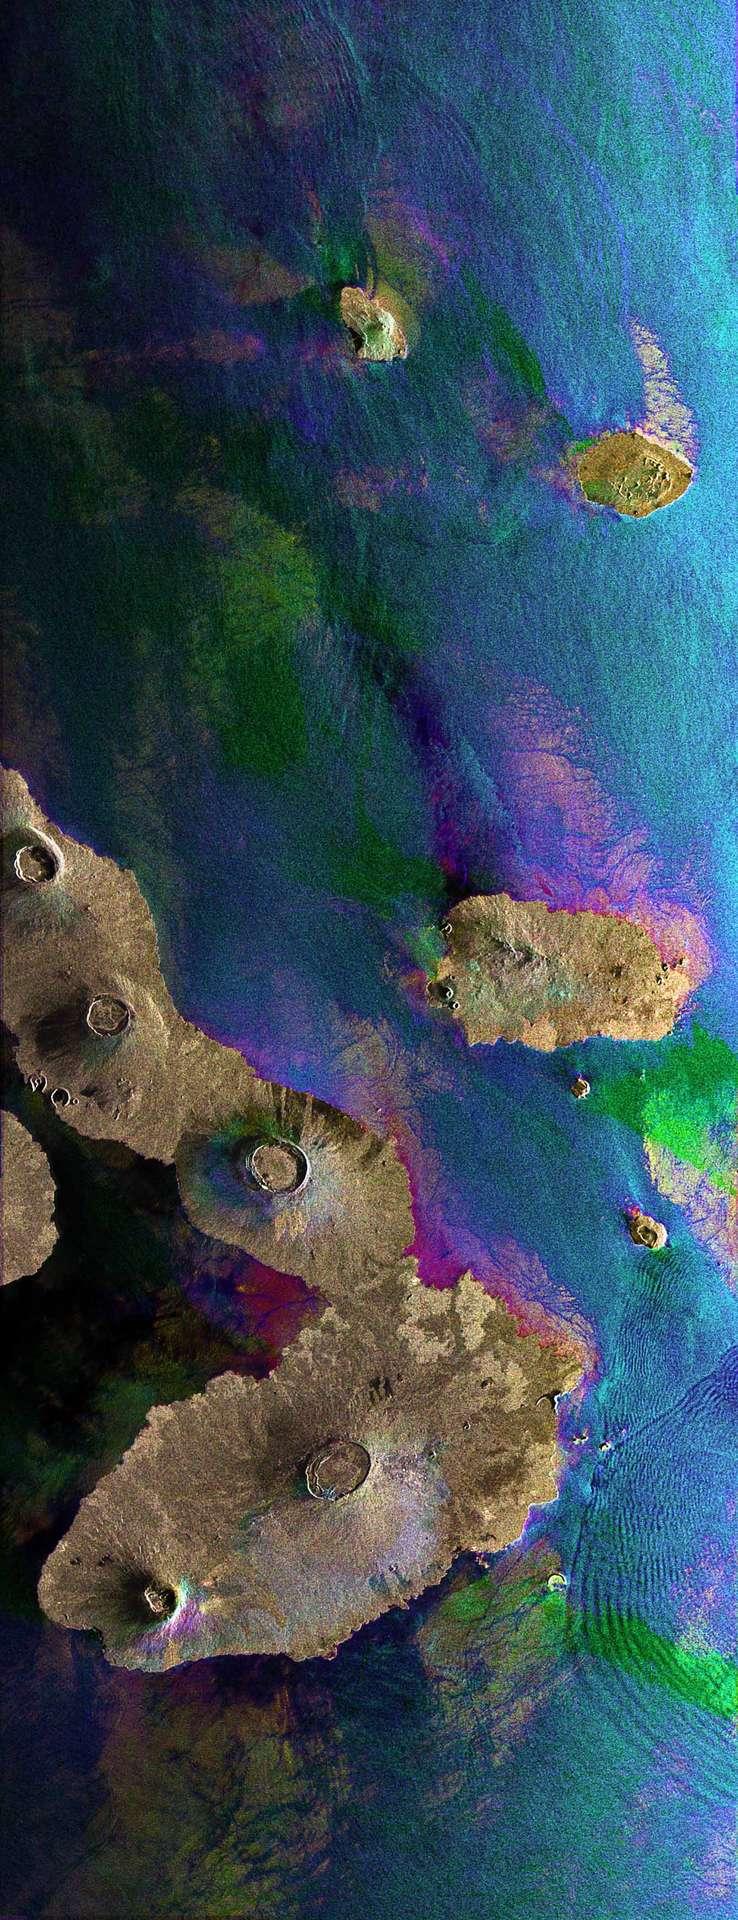 Cette image a été réalisée à partir de trois vues acquises les 23 mars 2006, 14 août 2008 et 1er janvier 2009, par le radar ASAR (Advanced Synthetic Aperture Radar) d'Envisat, associées chacune à un code couleur et combinées ensemble. Les couleurs de l'image indiquent donc les variations à la surface intervenues entre les acquisitions. Crédit : Esa